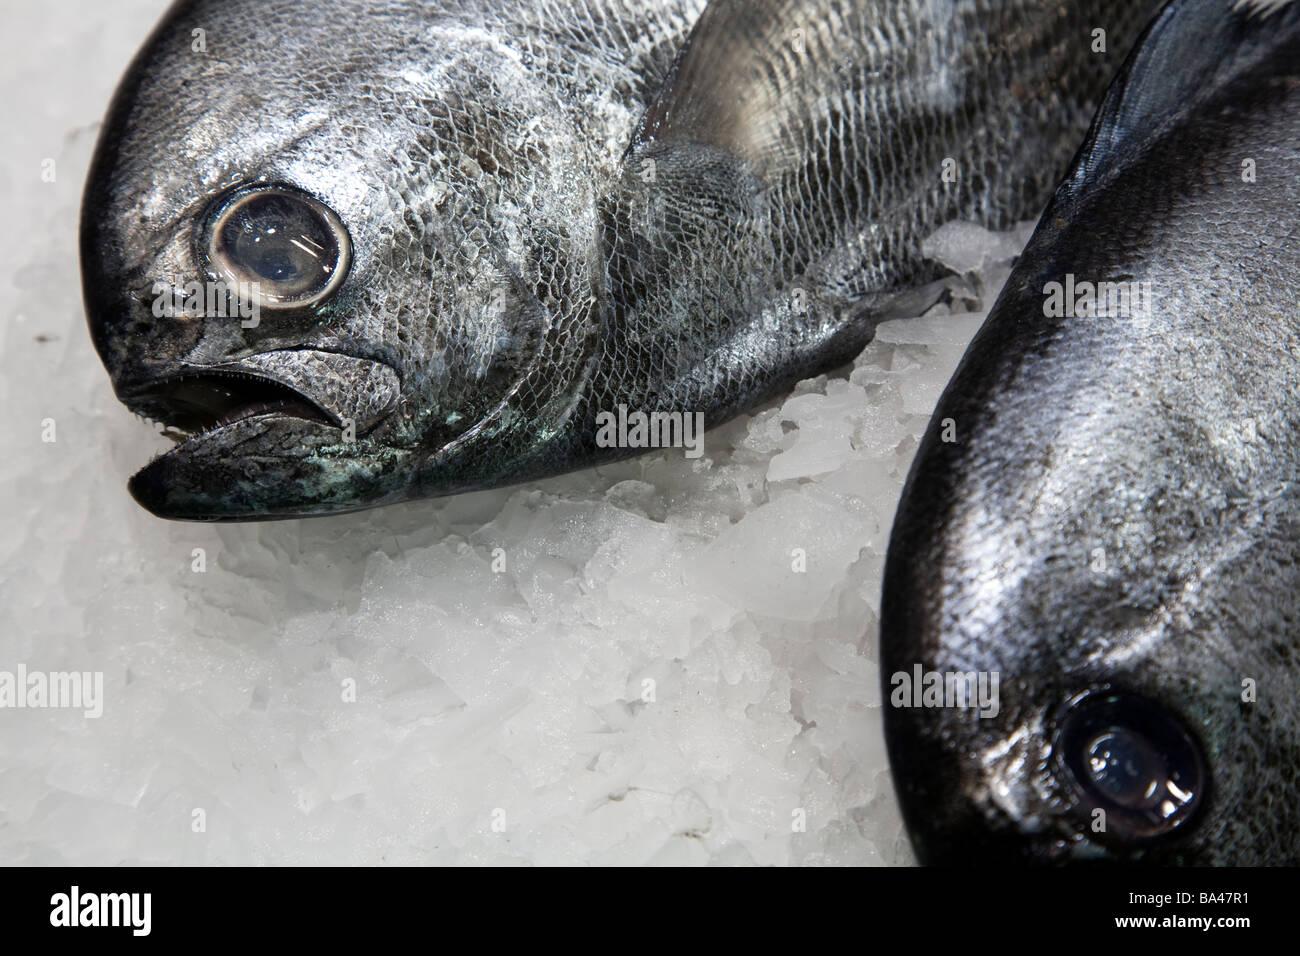 Pompano fish Boqueria market town of Barcelona autonomous commnunity of Catalonia northeastern Spain - Stock Image